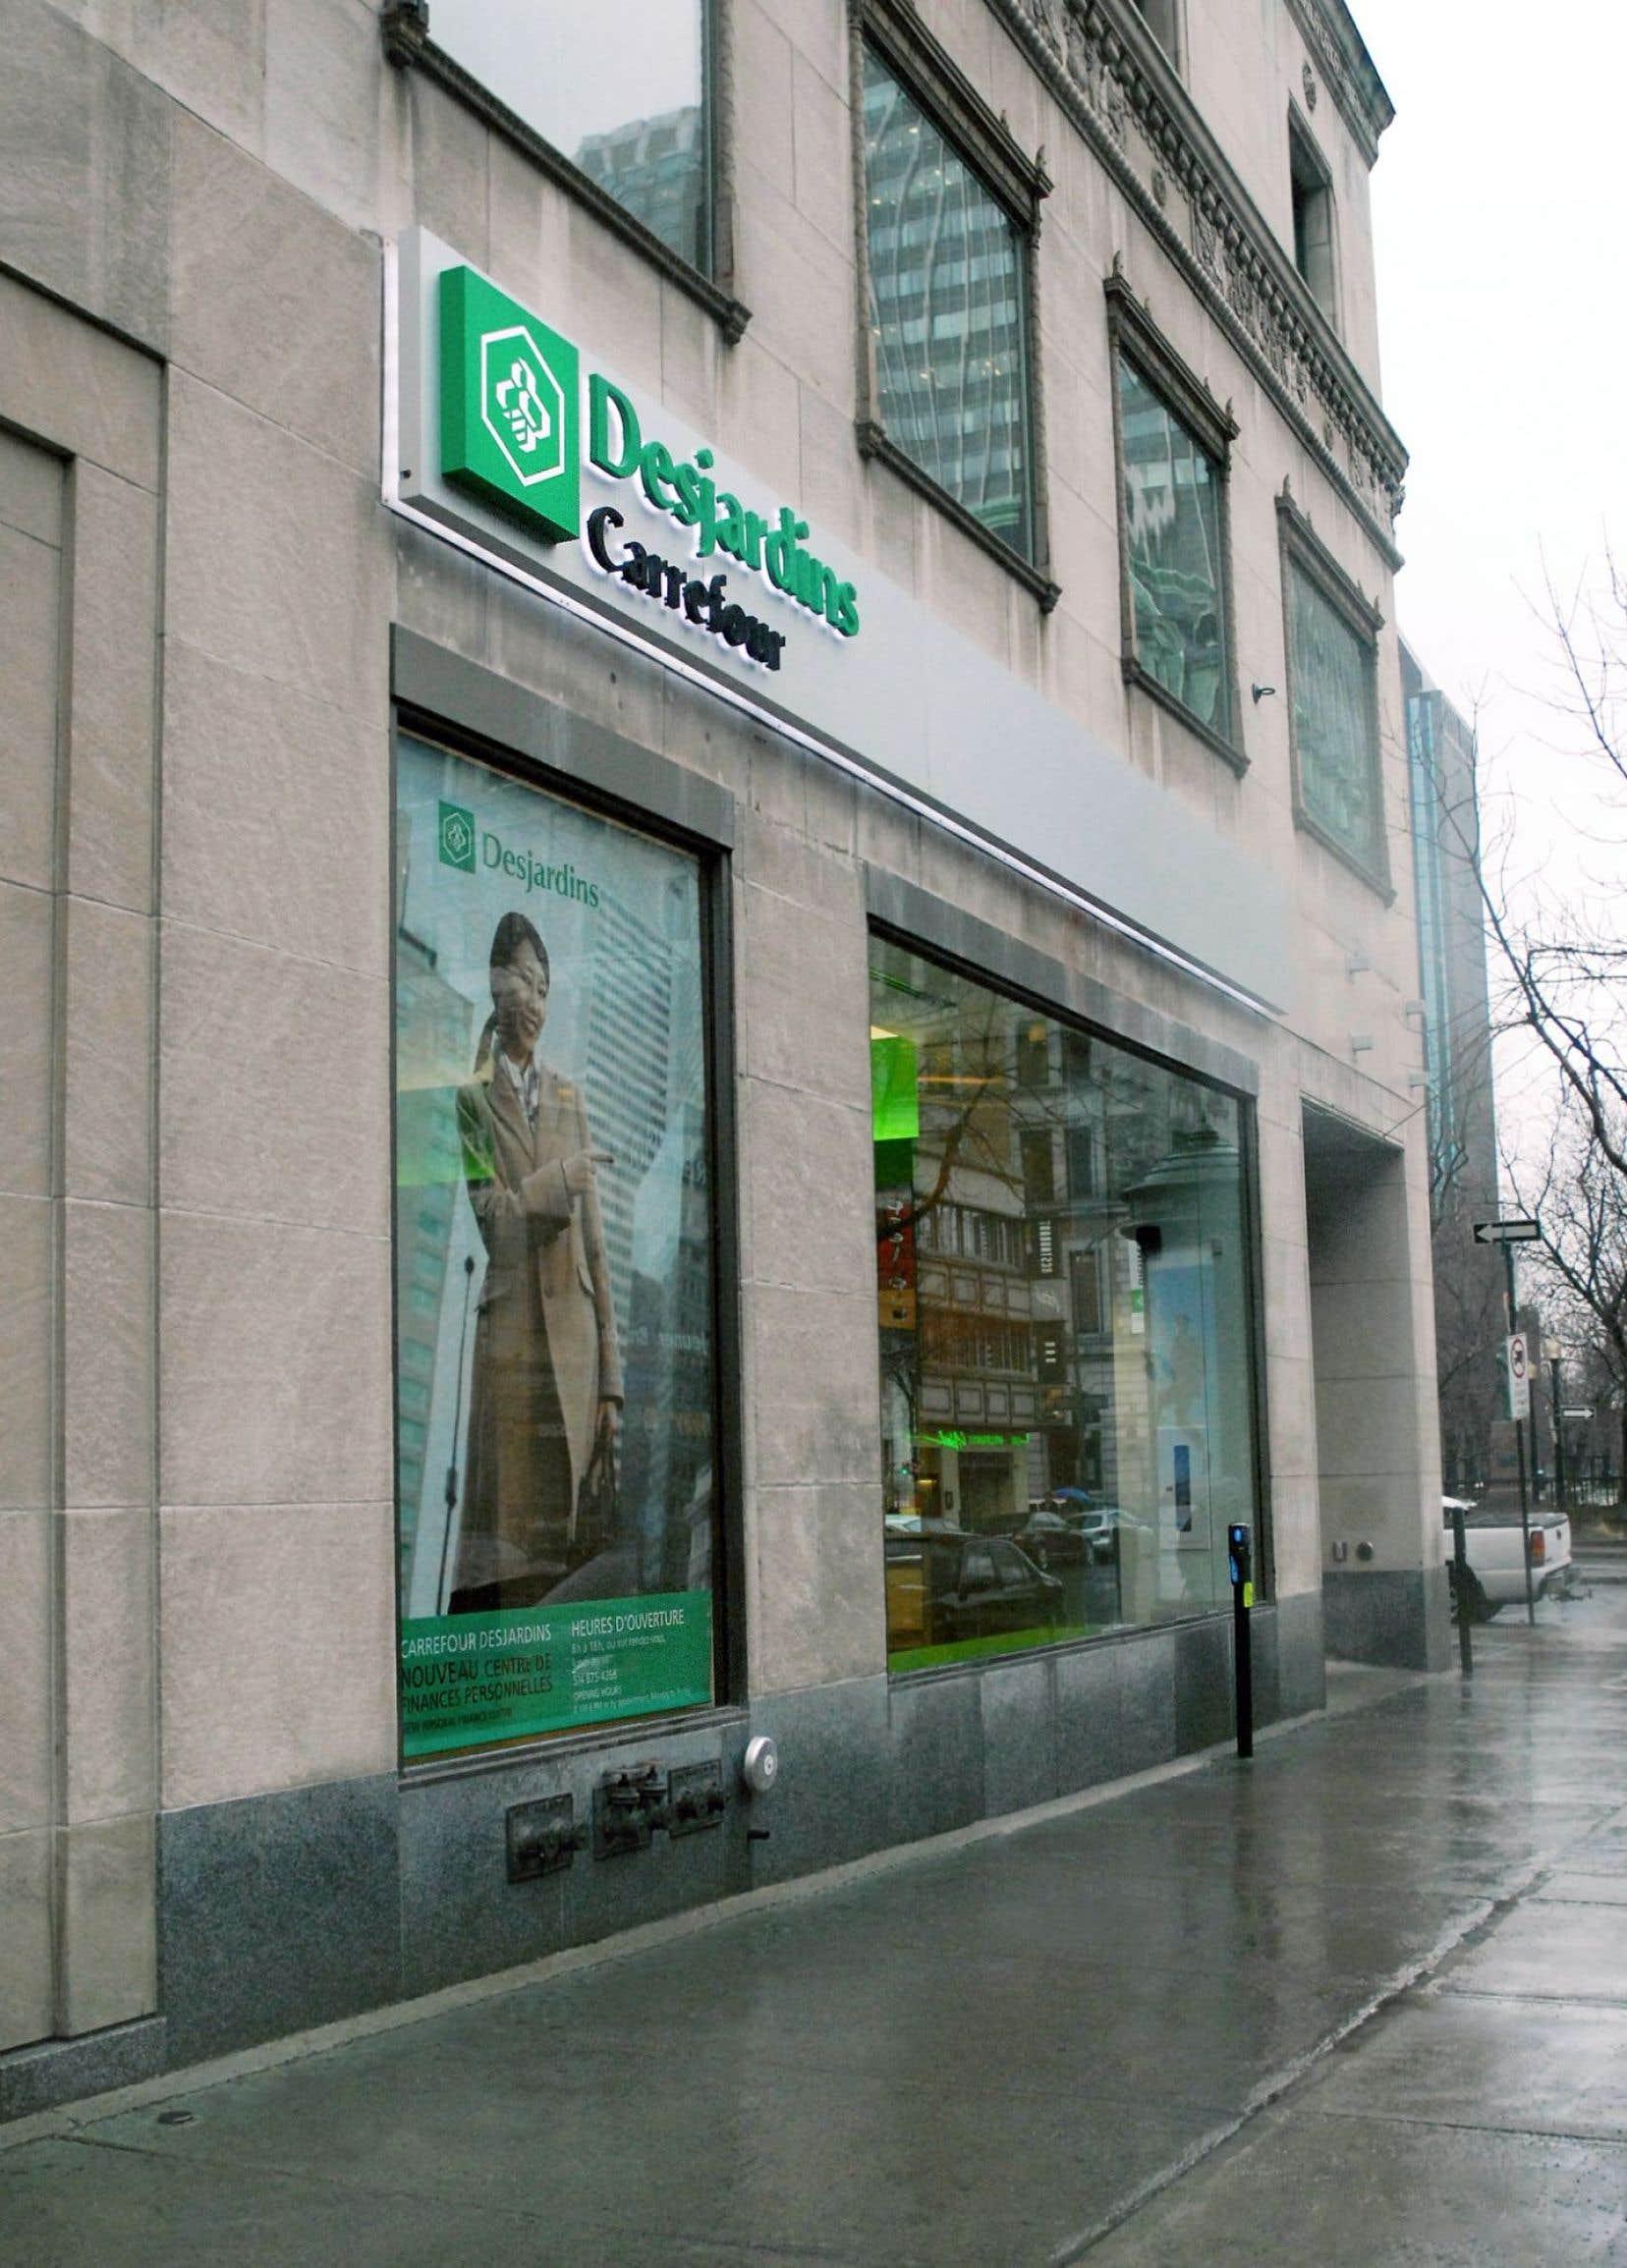 Au Québec, le modèle coopératif contribue à le distinguer de façon importante du reste du Canada. Avec ses 40000 employés, le Mouvement Desjardins est un groupe entrepreneurial de type coopératif où il y a des assemblées générales entre les caisses.